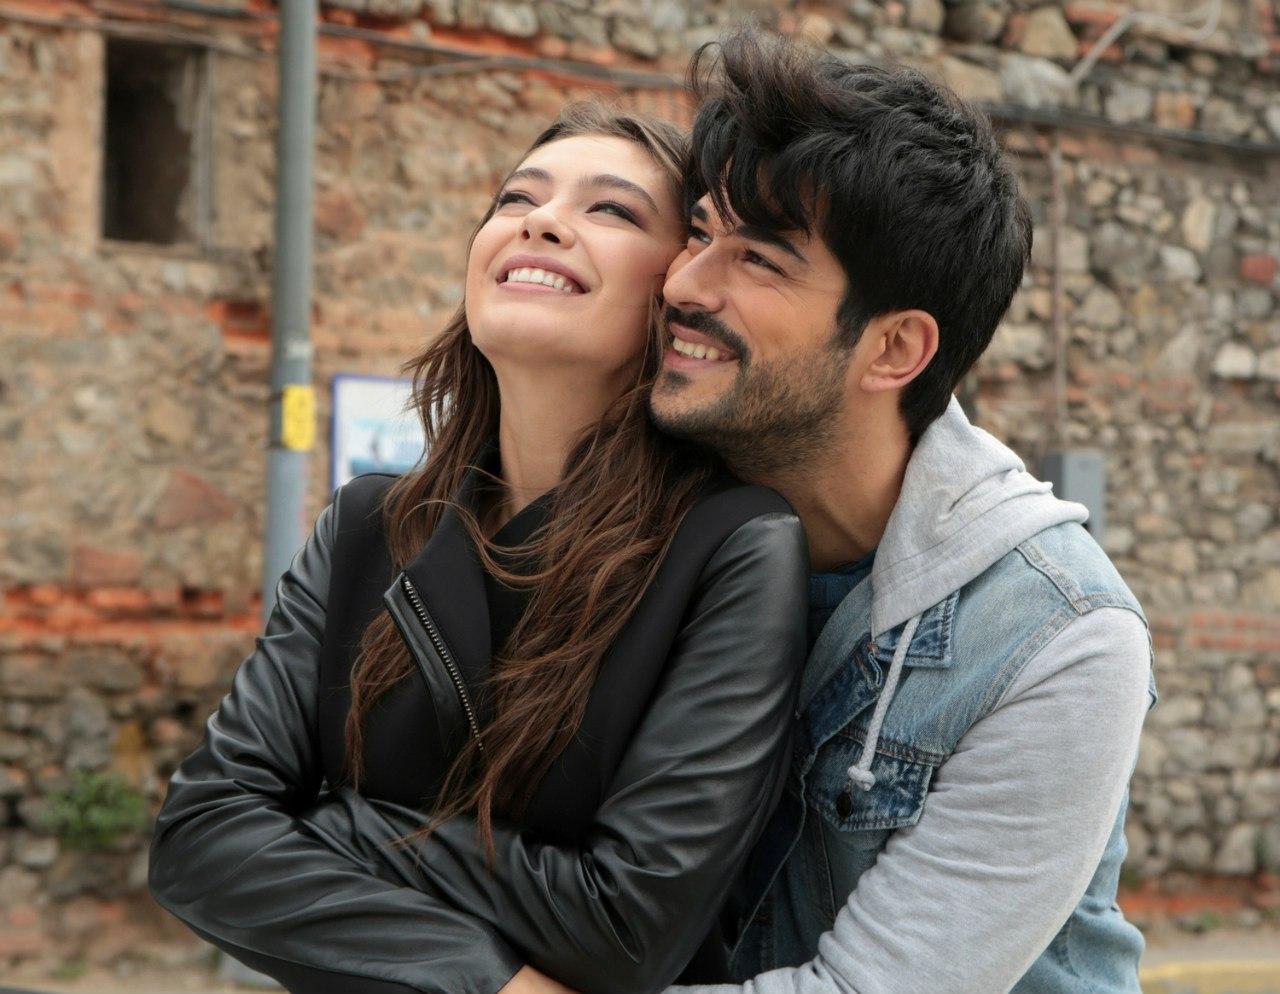 Пожелания всю, очень красивые любовные картинки для турецкого мужчины